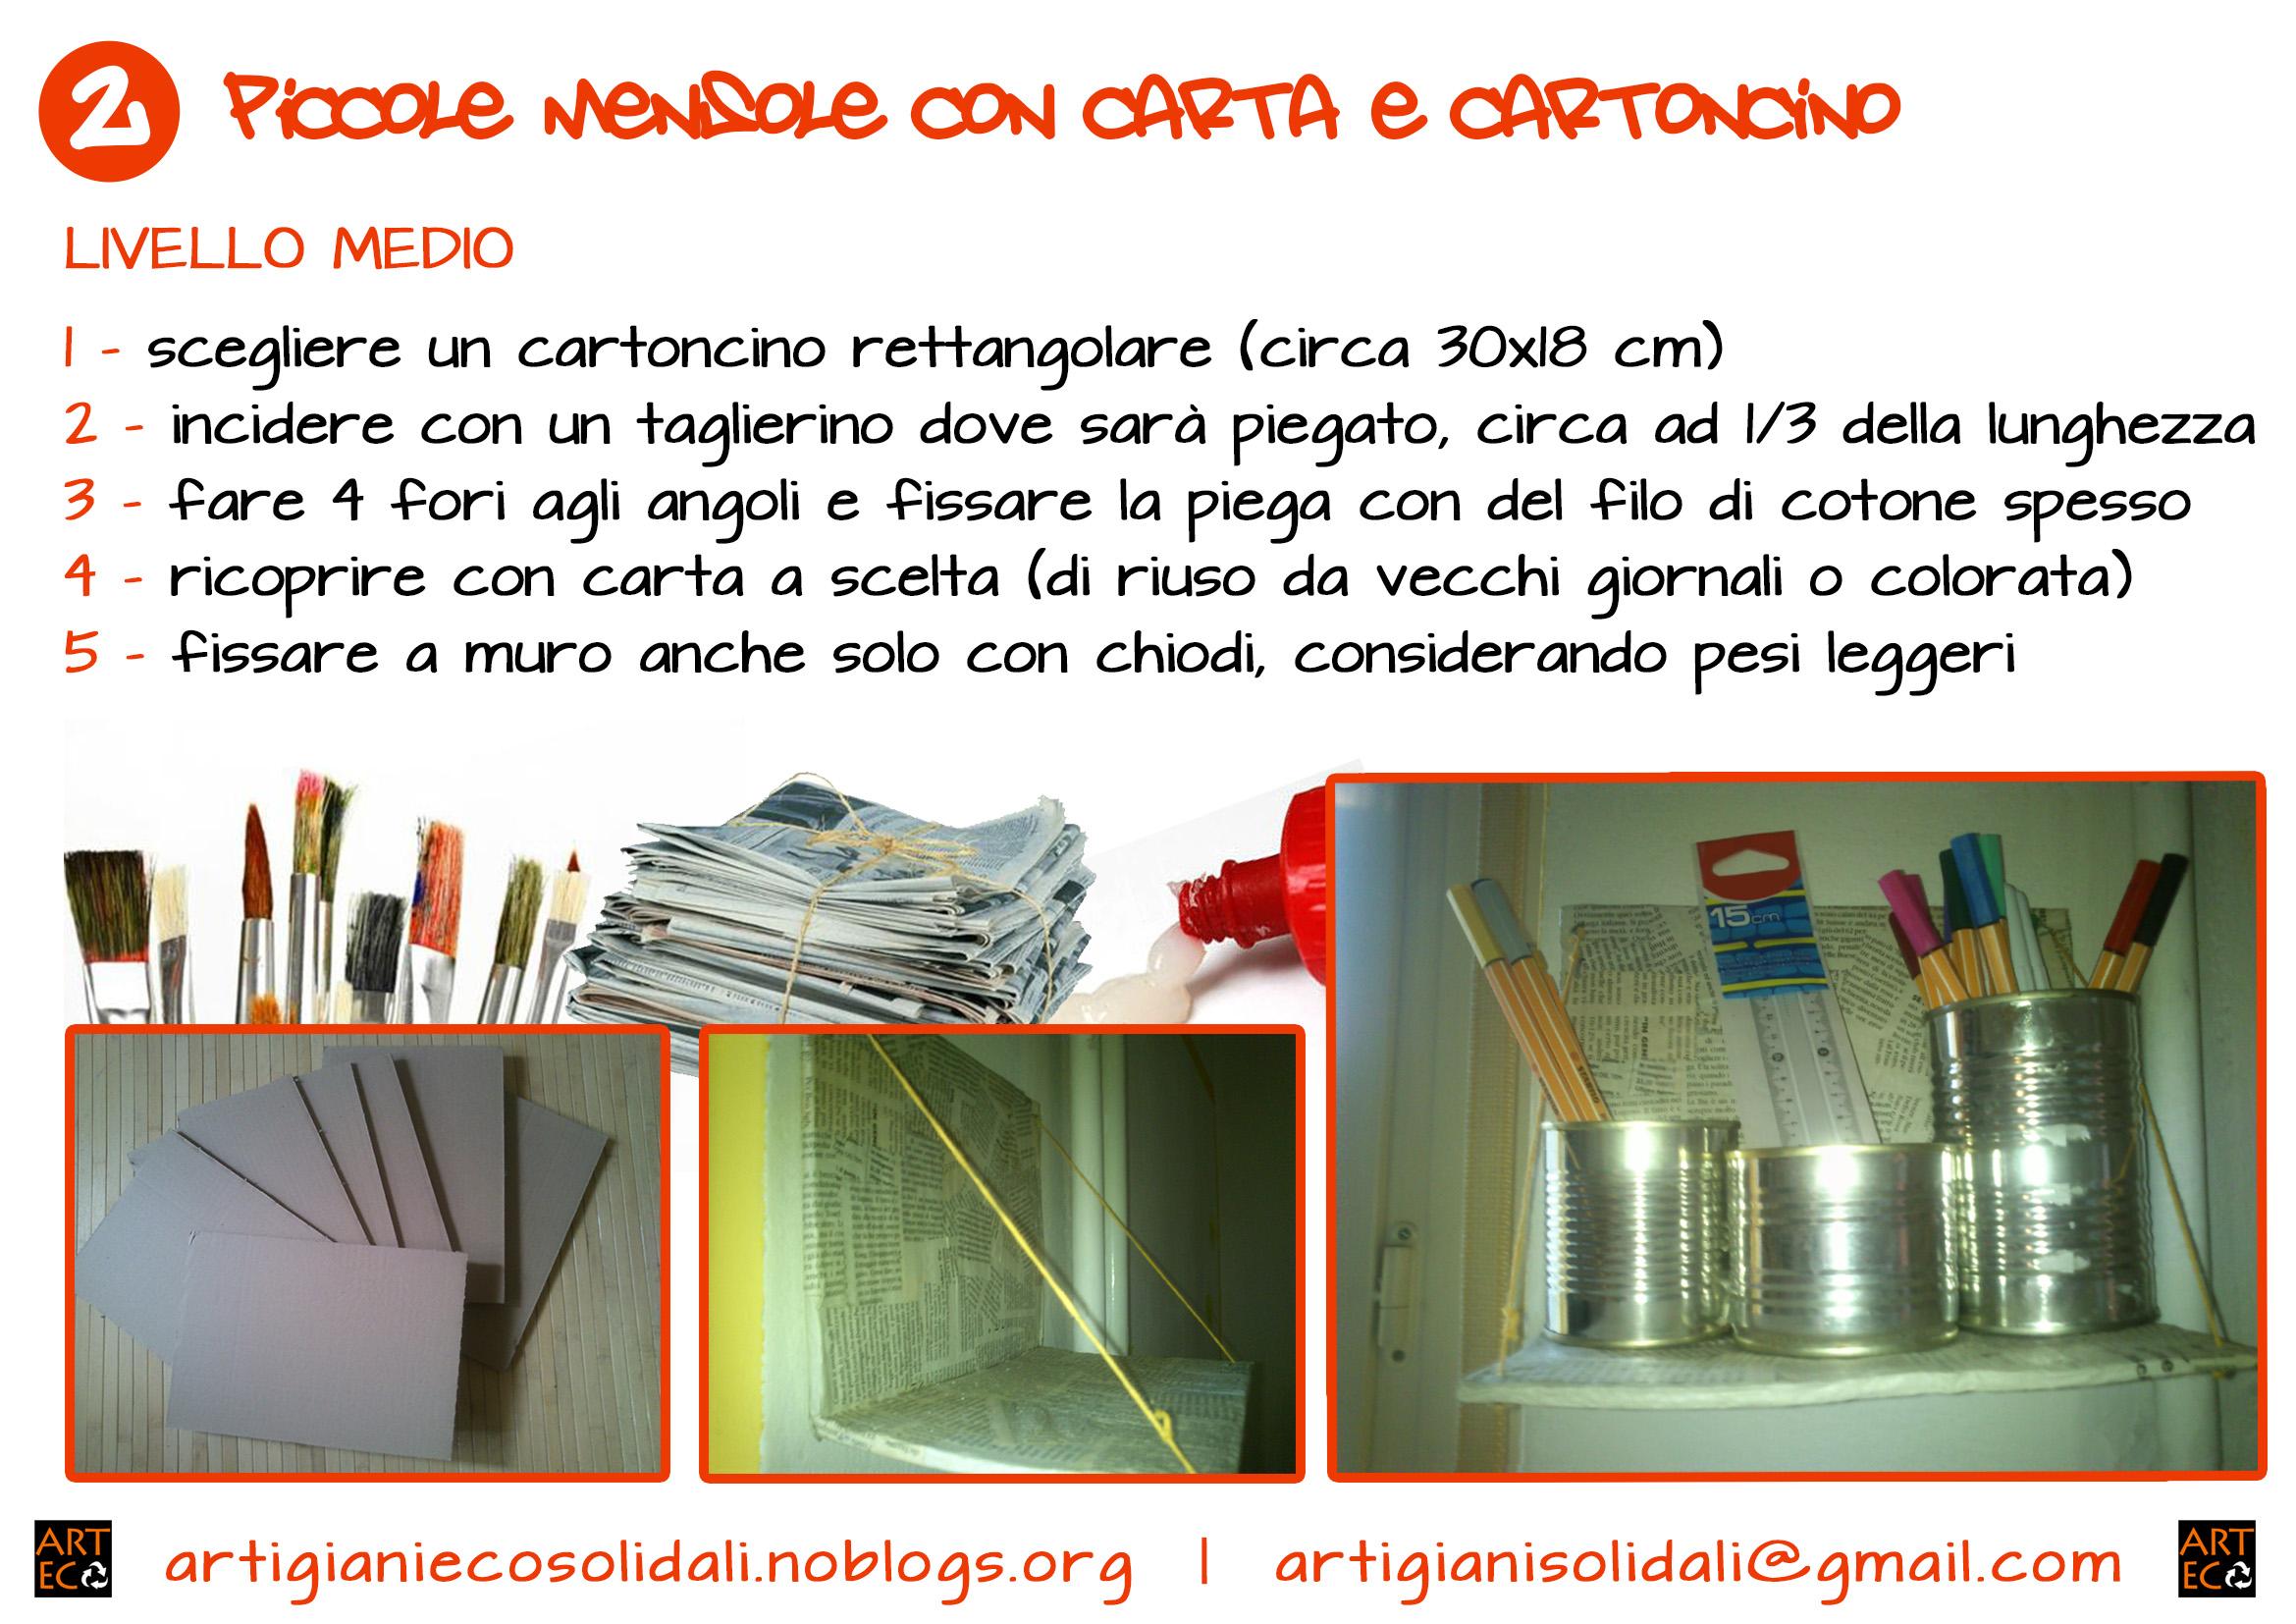 Piccole mensole con carta e cartoncino artigianiecosolidali for Piccole mensole